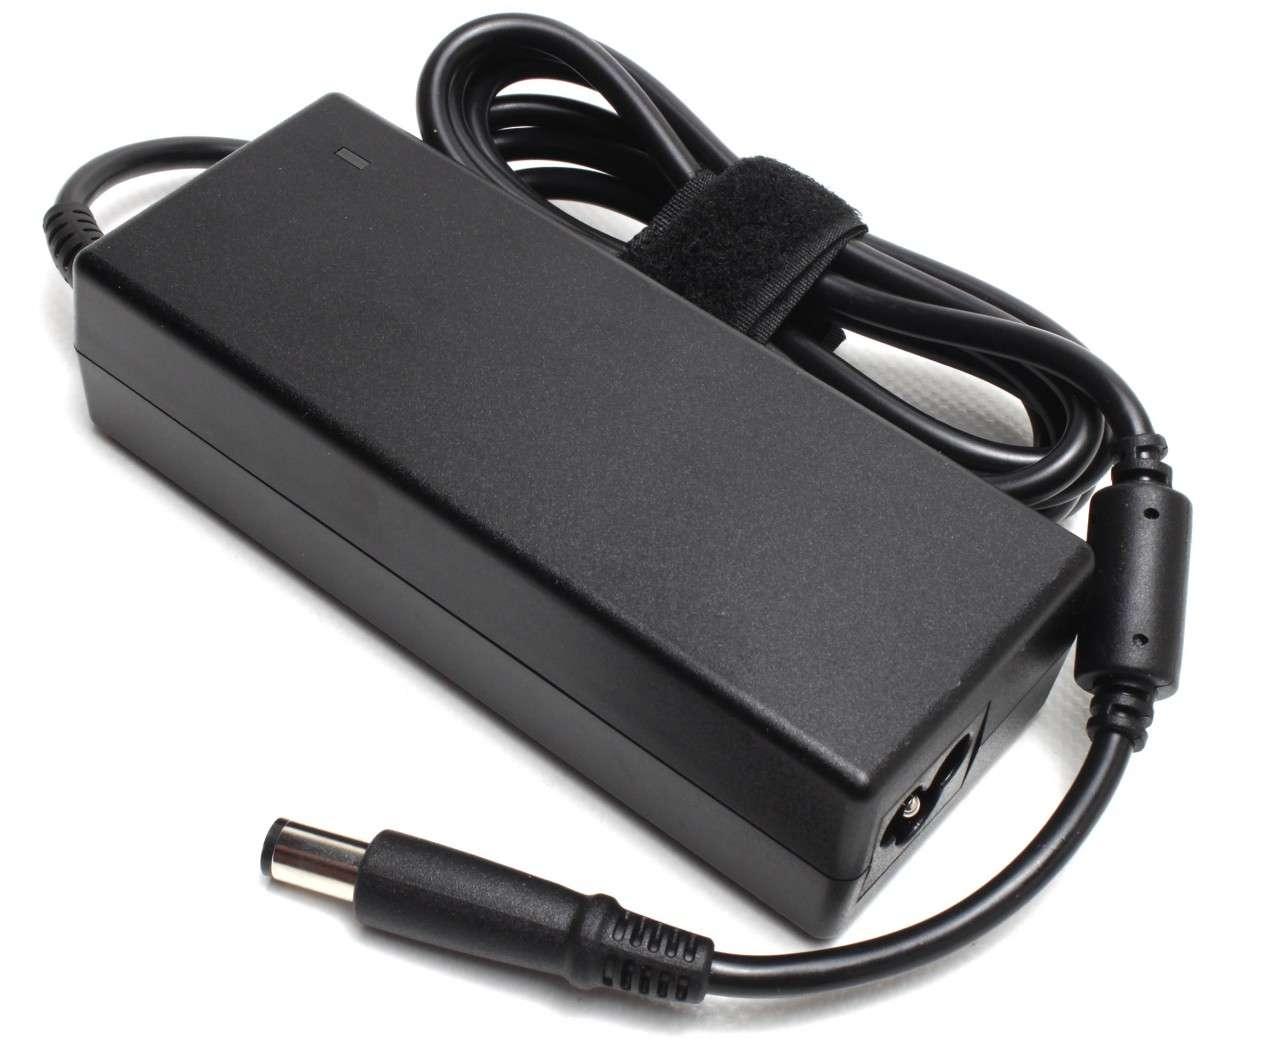 Incarcator Dell Vostro 3300 VARIANTA 3 imagine powerlaptop.ro 2021